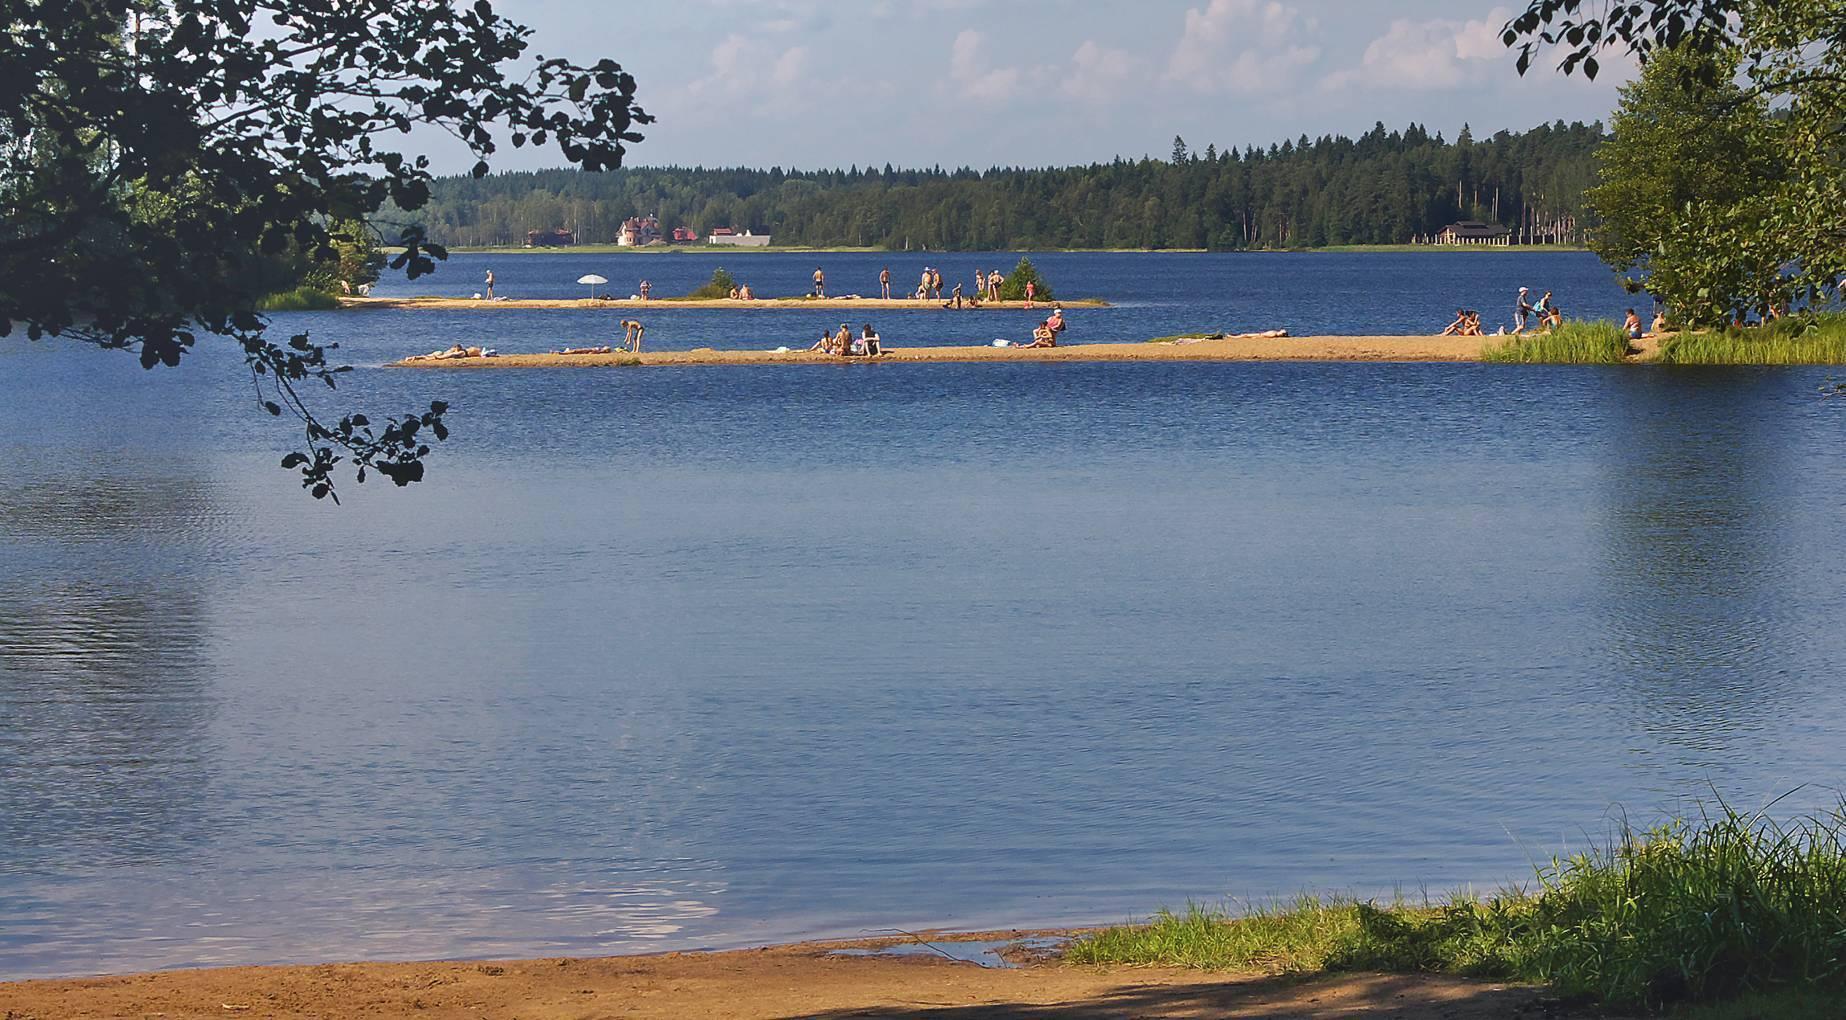 Раковые озёра, ленинградская область. рыбалка, базы отдыха. отели рядом, фото, видео, как добраться — туристер. ру